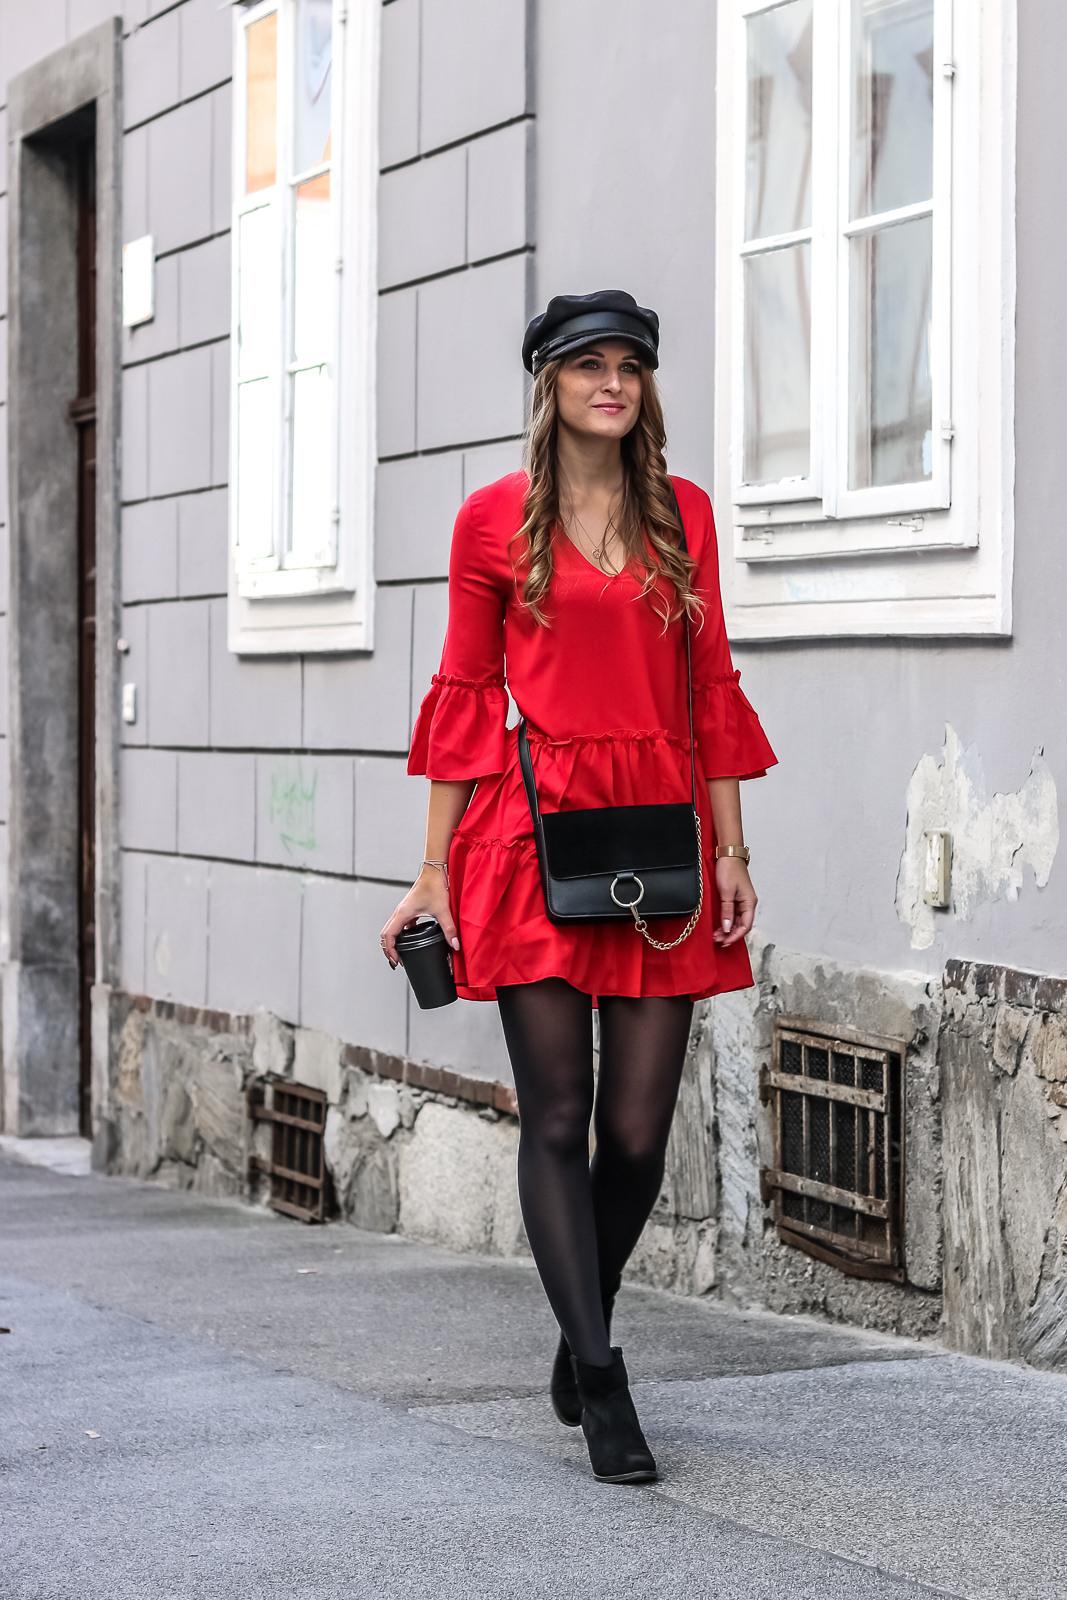 Designer Großartig Abendkleid Und Stiefel Vertrieb15 Coolste Abendkleid Und Stiefel Ärmel